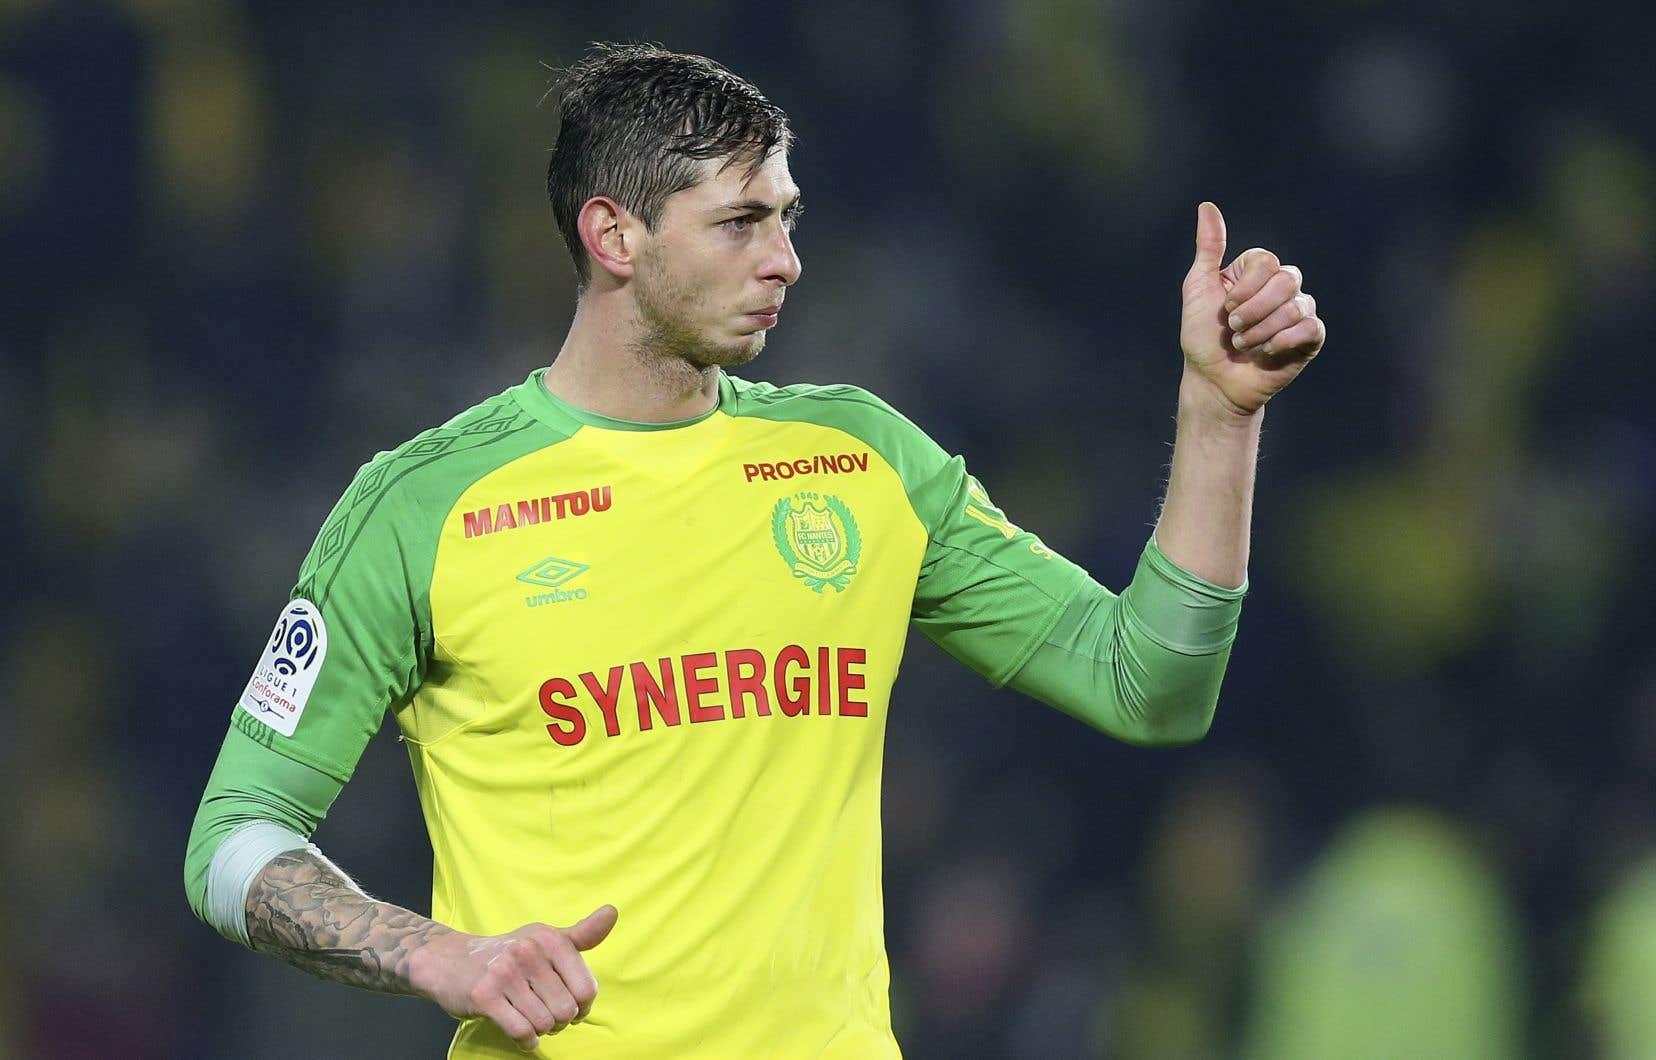 Âgé de 28ans, Sala avait passé les heures précédentes à faire ses adieux aux joueurs de l'équipe de soccer de Nantes après que la formation de Cardiff lui eut consenti le plus imposant contrat de son histoire la semaine dernière.